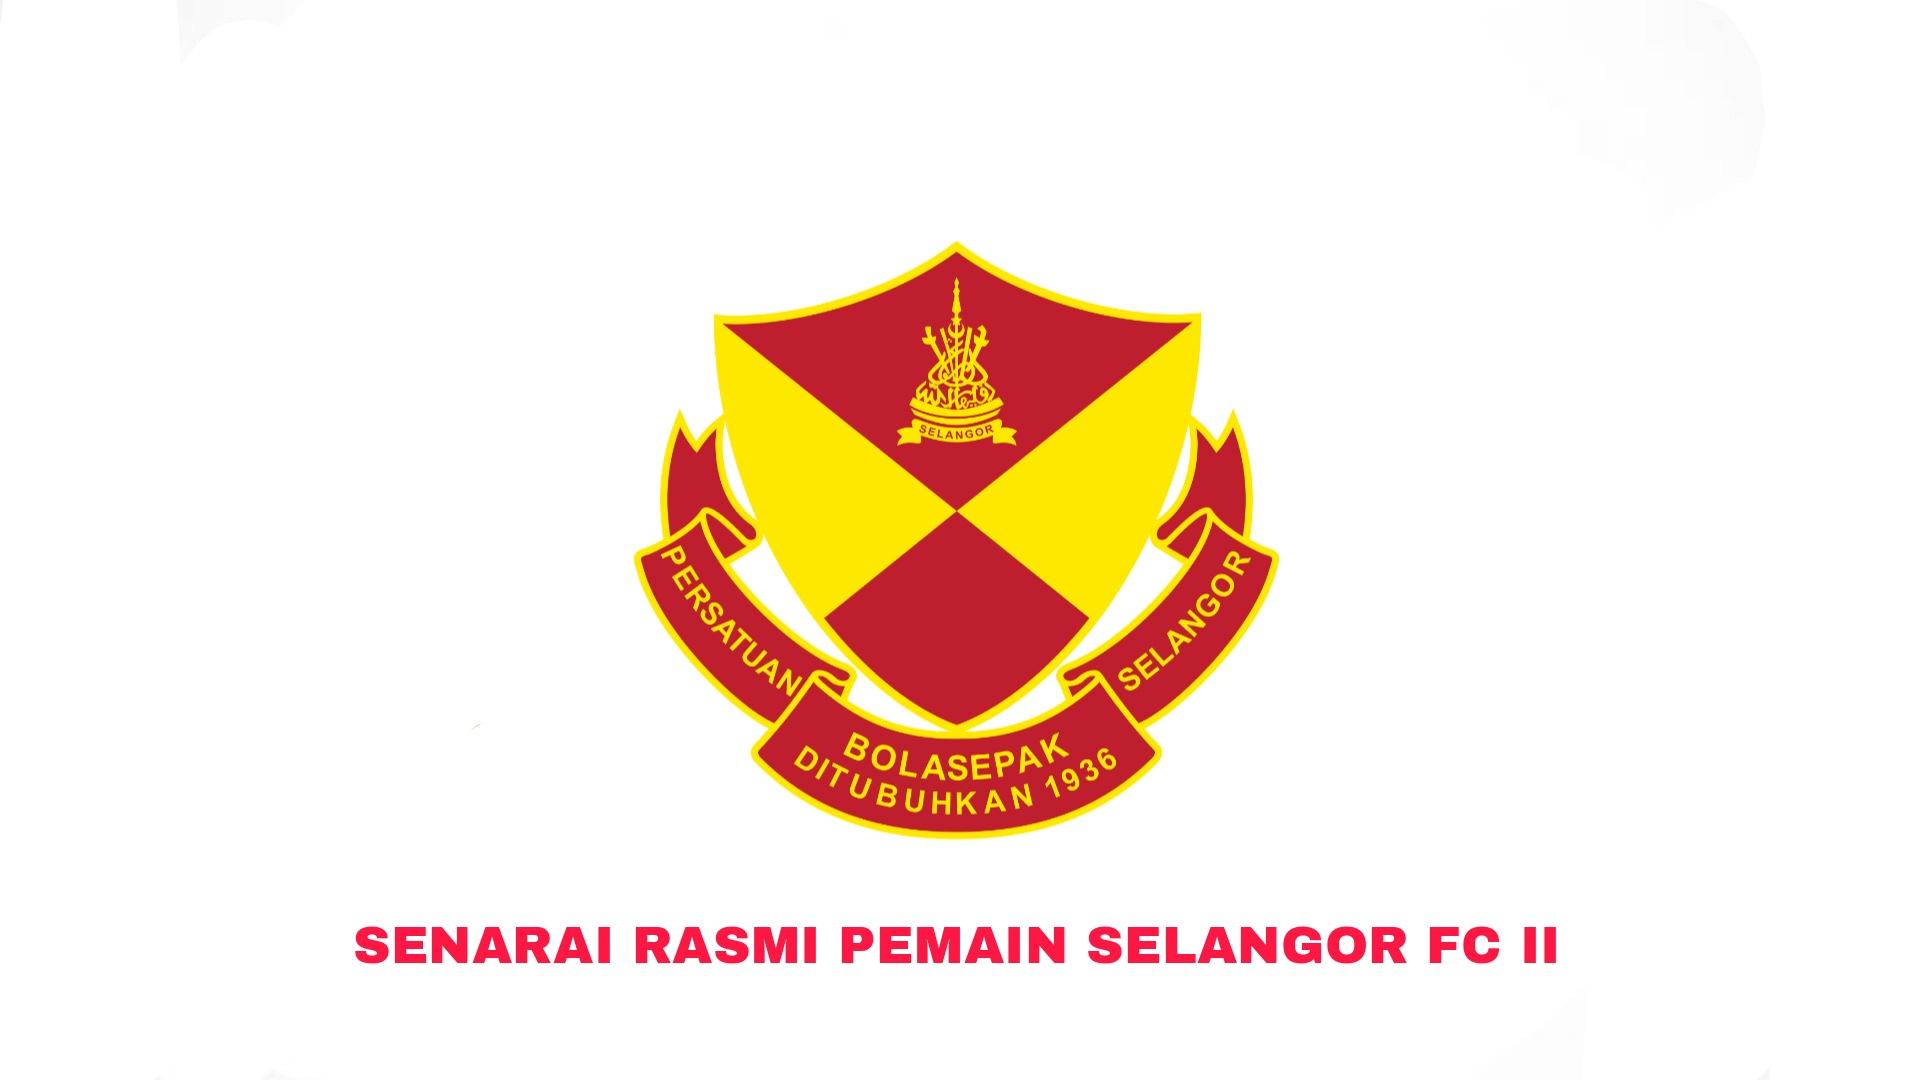 Senarai Rasmi Pemain Selangor 2 2021 Liga Perdana